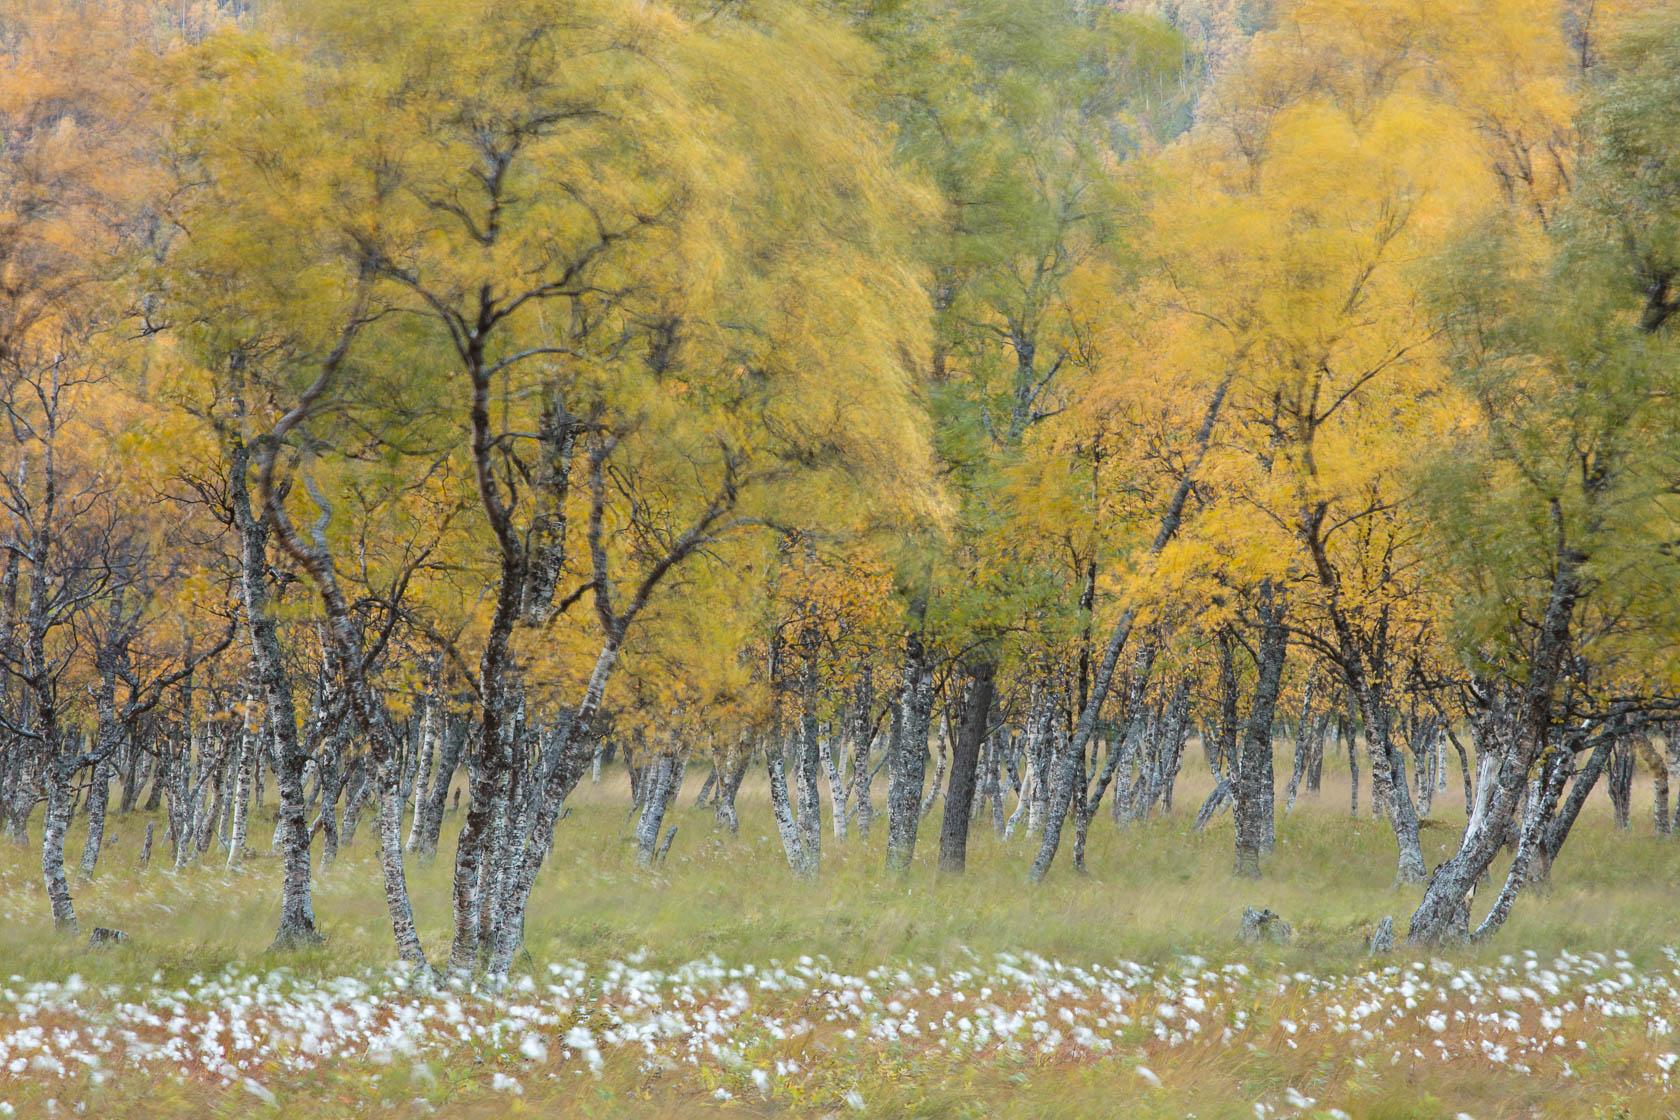 forêt boréale de bouleau en automne, agitée par le vent, dans le nord de la Norvège, pendant la ruska en voyage photo des Lofoten aux Alpes de Lyngen